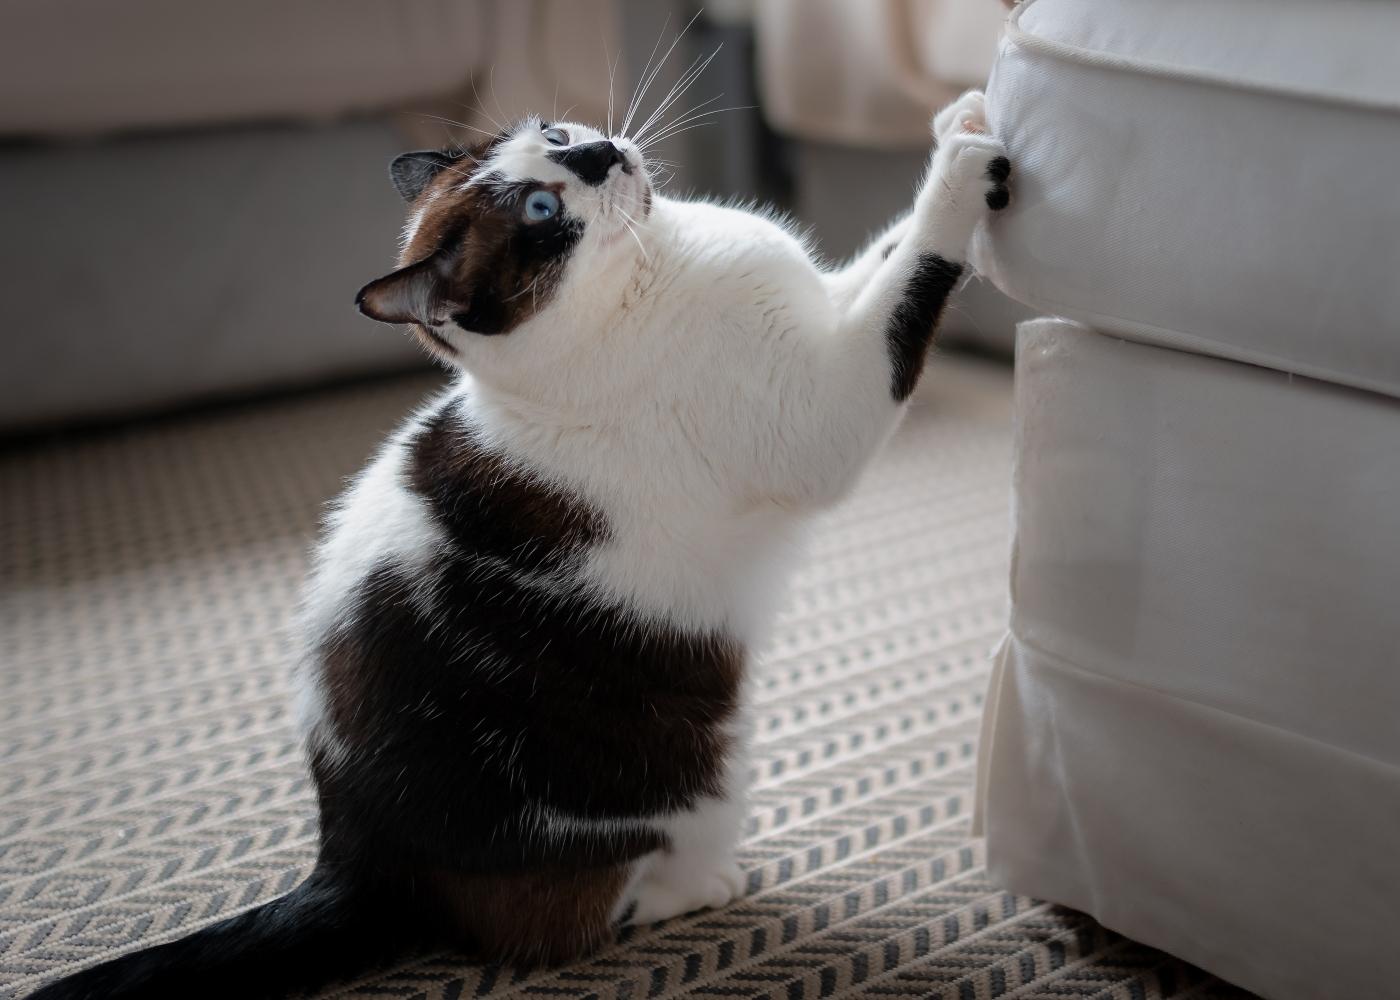 gato preto e branco a arranhar sofá cinzento